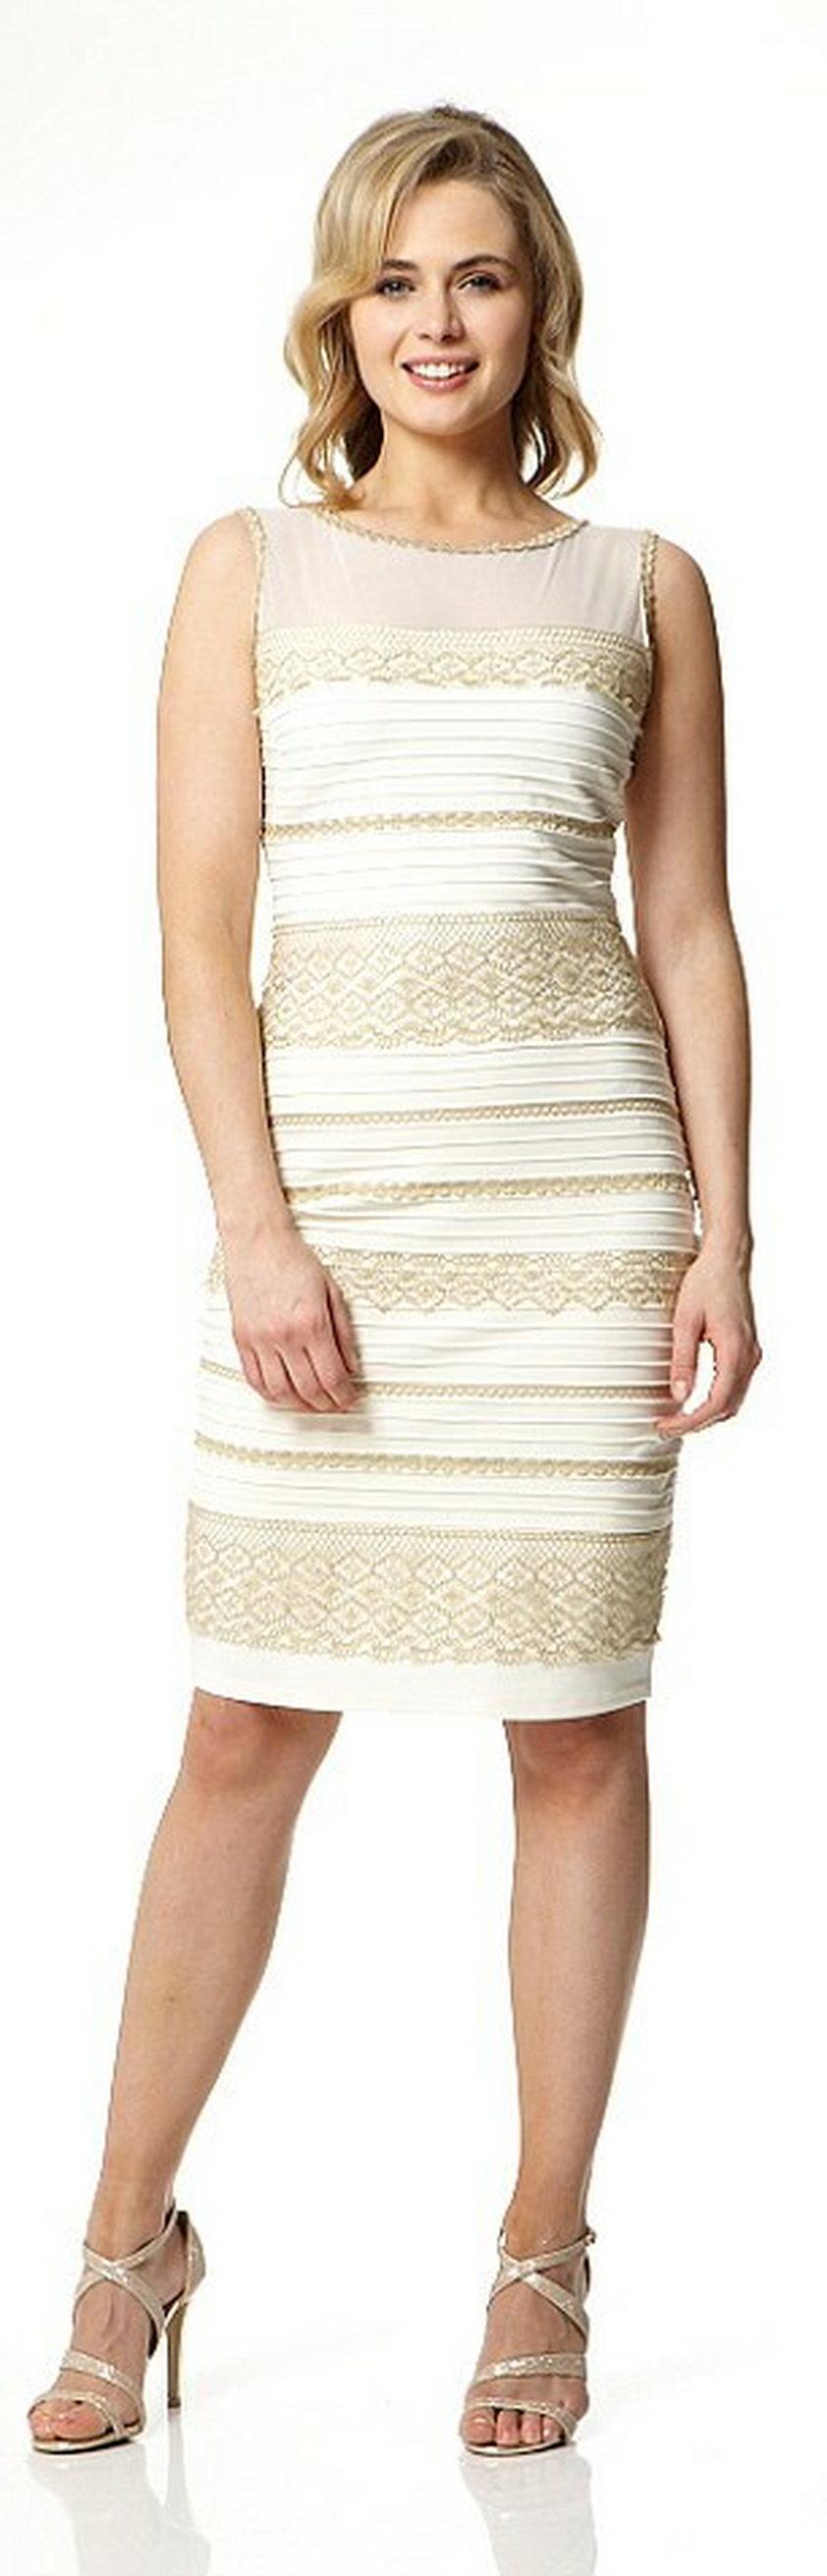 Bialo Zlota Sukienka Sprzedana Za 8 Tysiecy